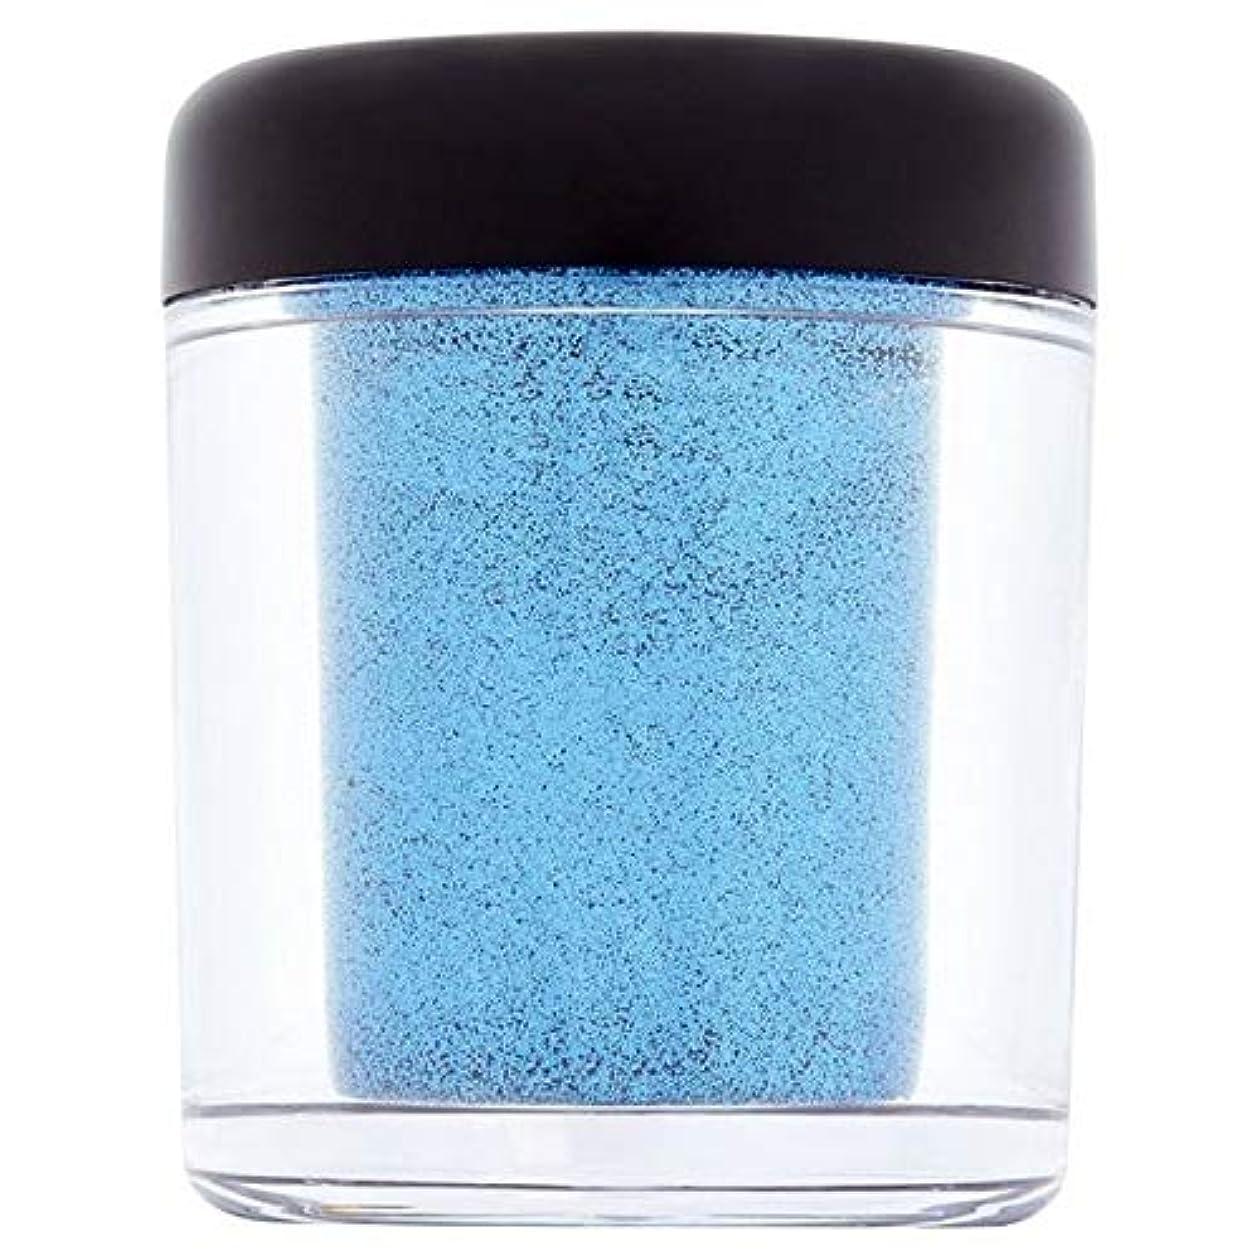 一族胴体弾性[Collection ] 収集グラムの結晶フェイス&ボディグリッタースプラッシュ6 - Collection Glam Crystals Face & Body Glitter Splash 6 [並行輸入品]